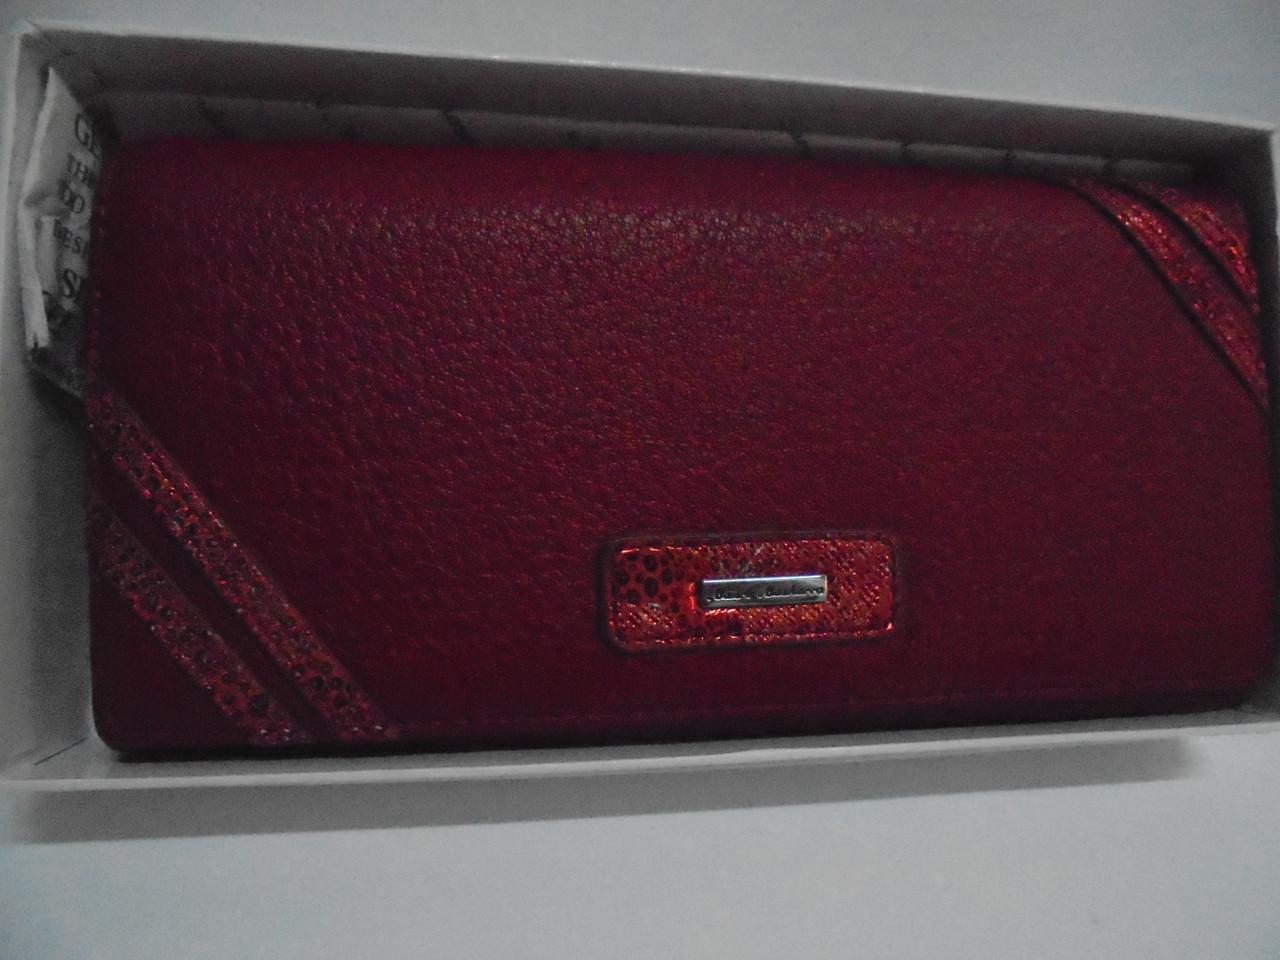 66cf689beac5 Женский кошелек Mauro Maskarro M3-27101 B, кошельки, оригинальные подарки, женские  кошельки, портмоне,итальян